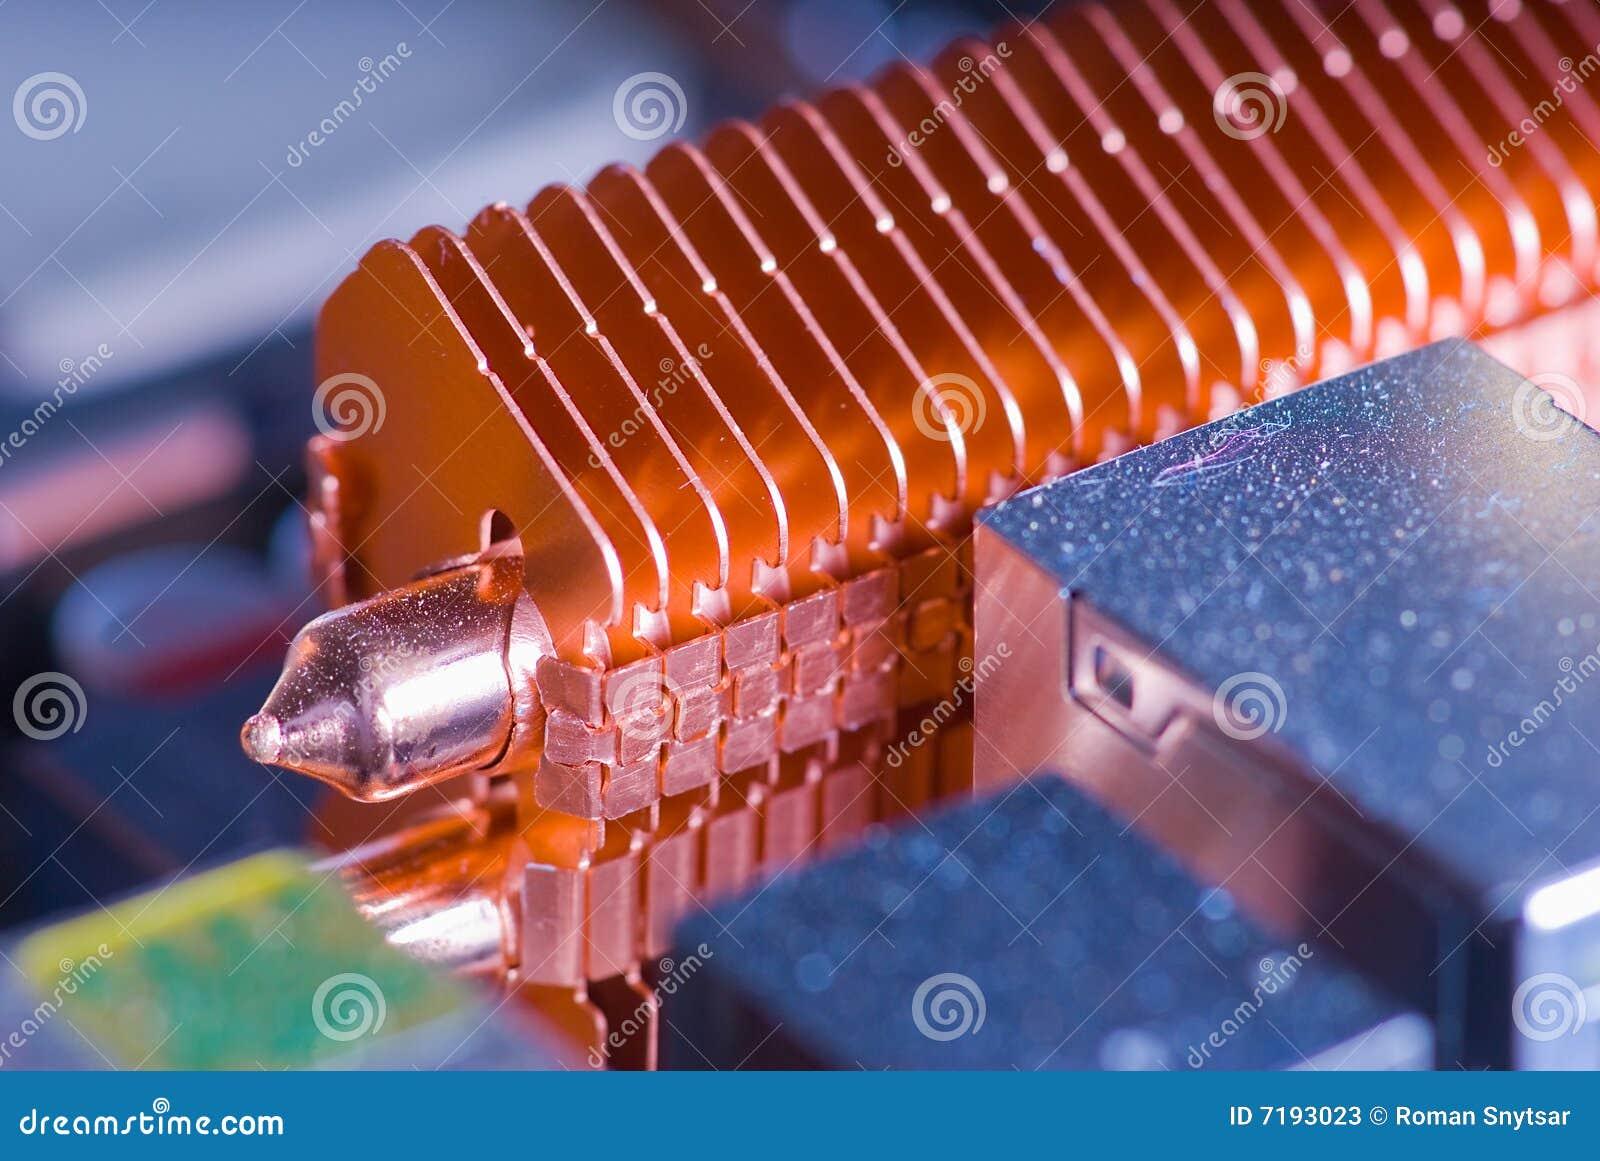 Как сделать тепловые трубки для охлаждения